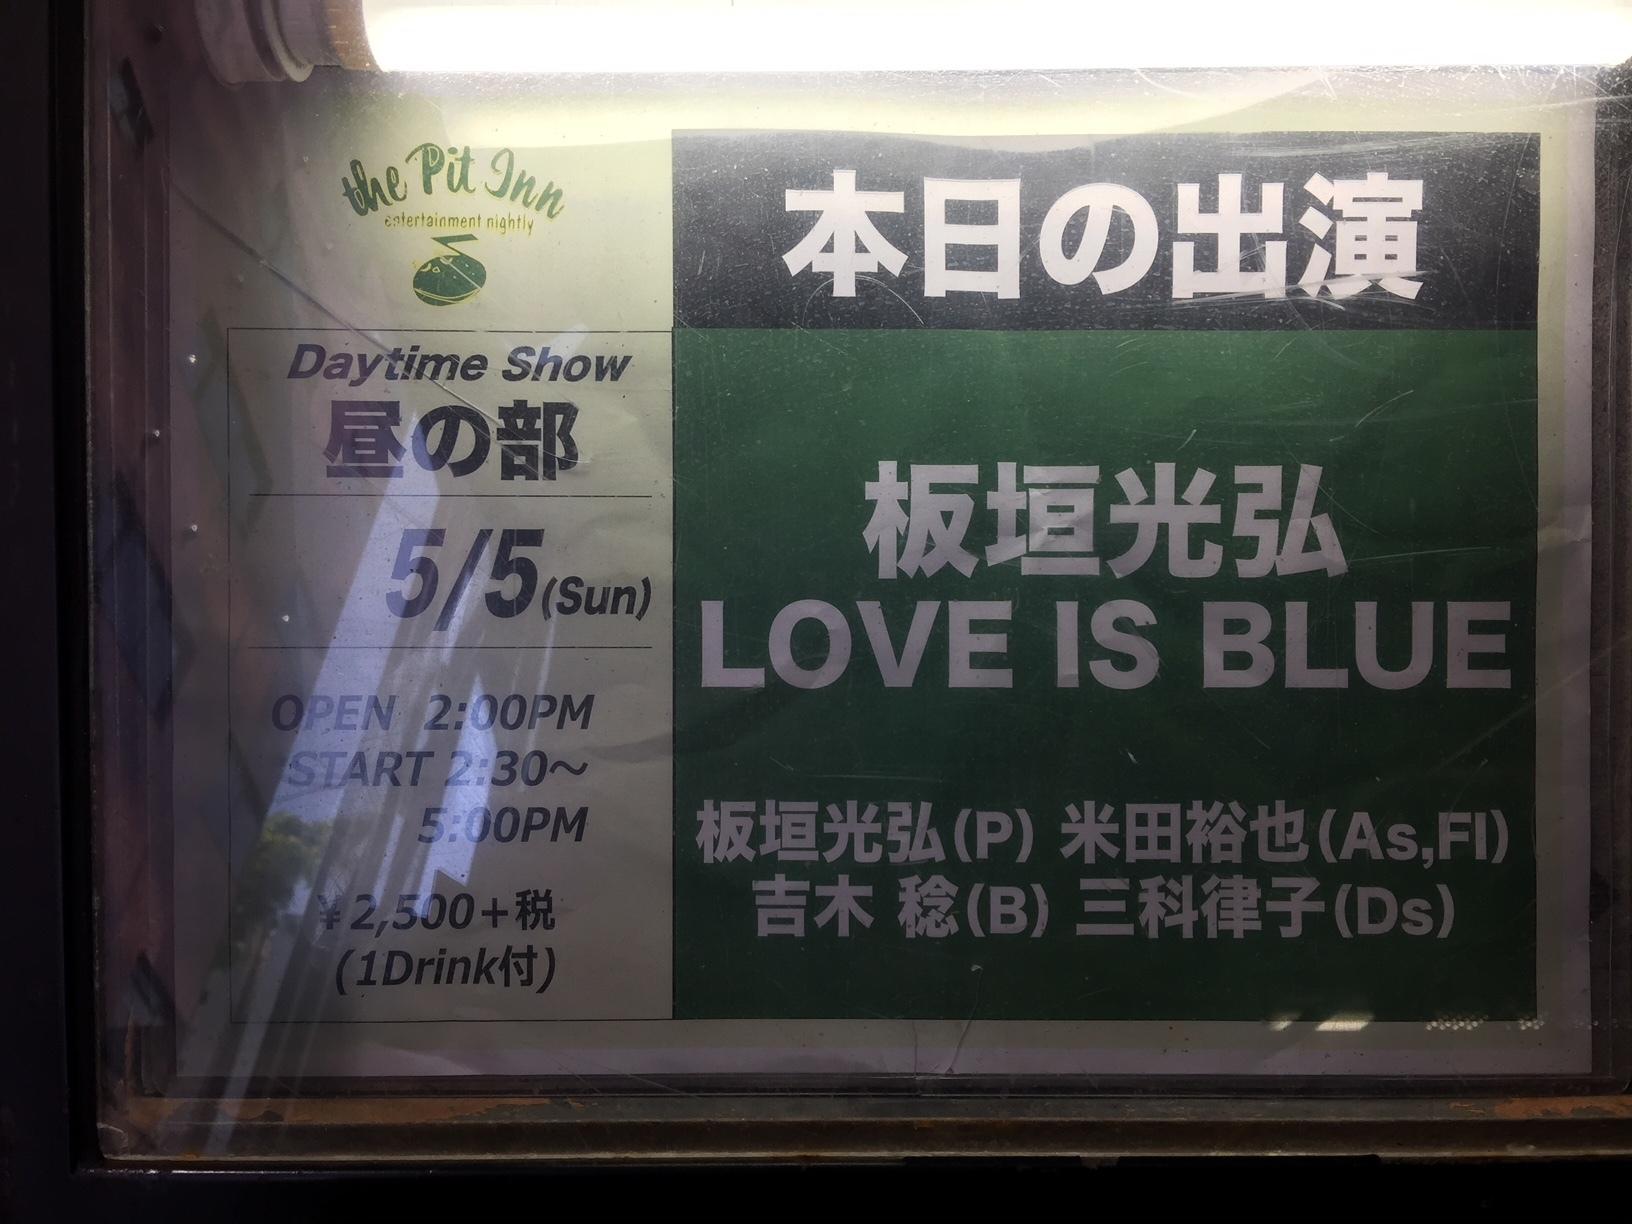 ありがとうございました!板垣光弘LOVE IS BLUE@新宿ピットインGW_d0003502_22361209.jpg